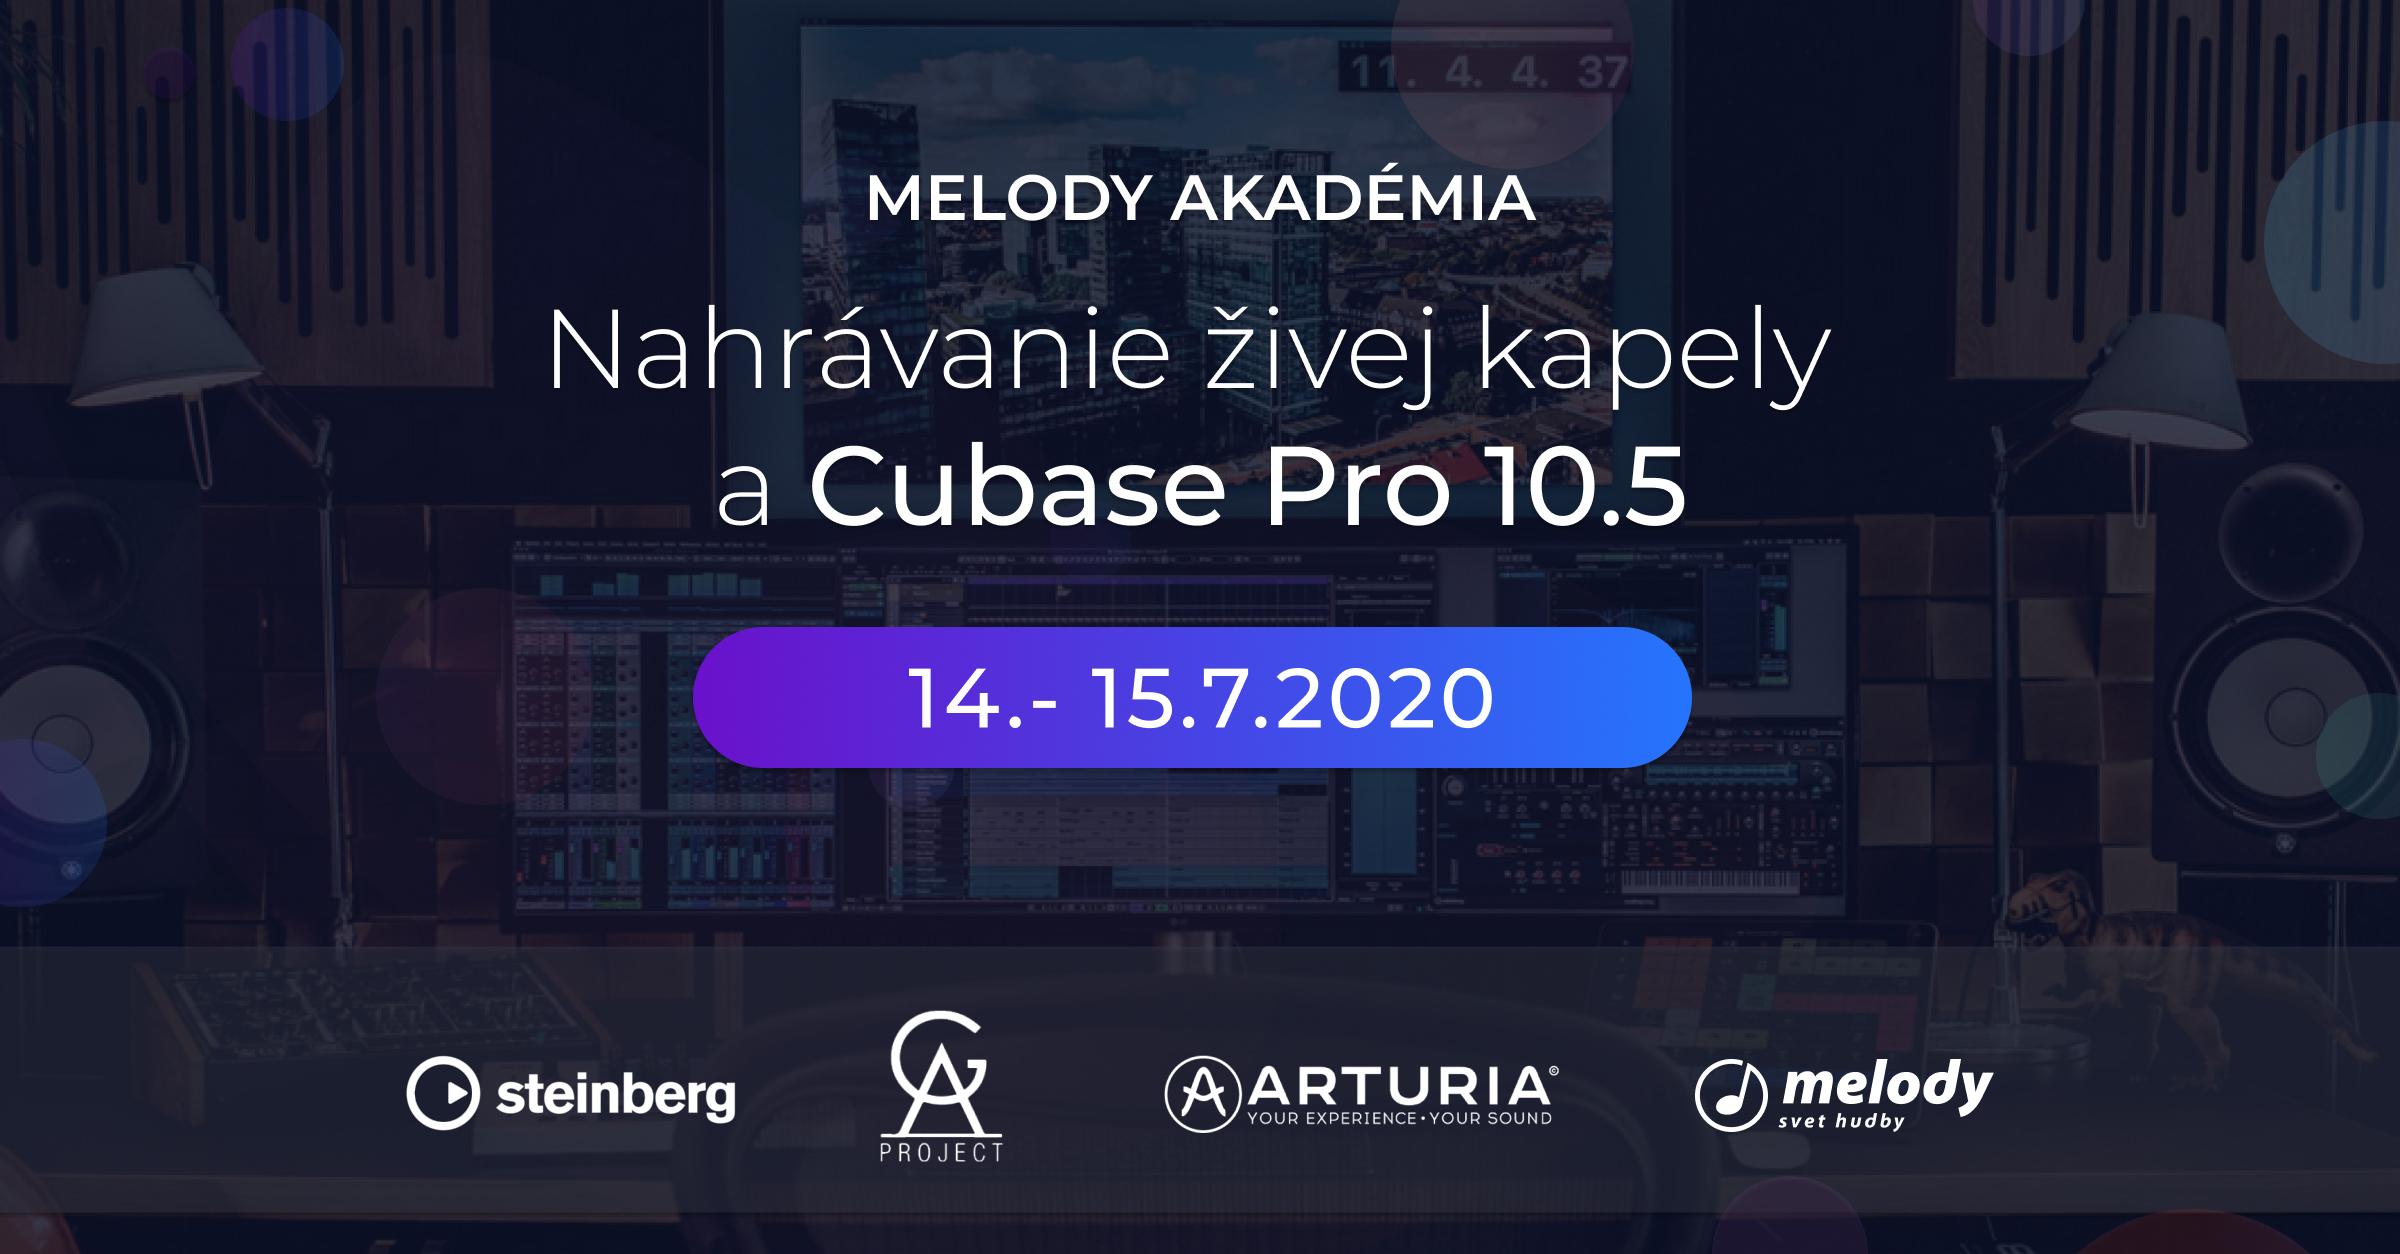 Melody akadémia - workshop v náhravacom štúdiu Melody